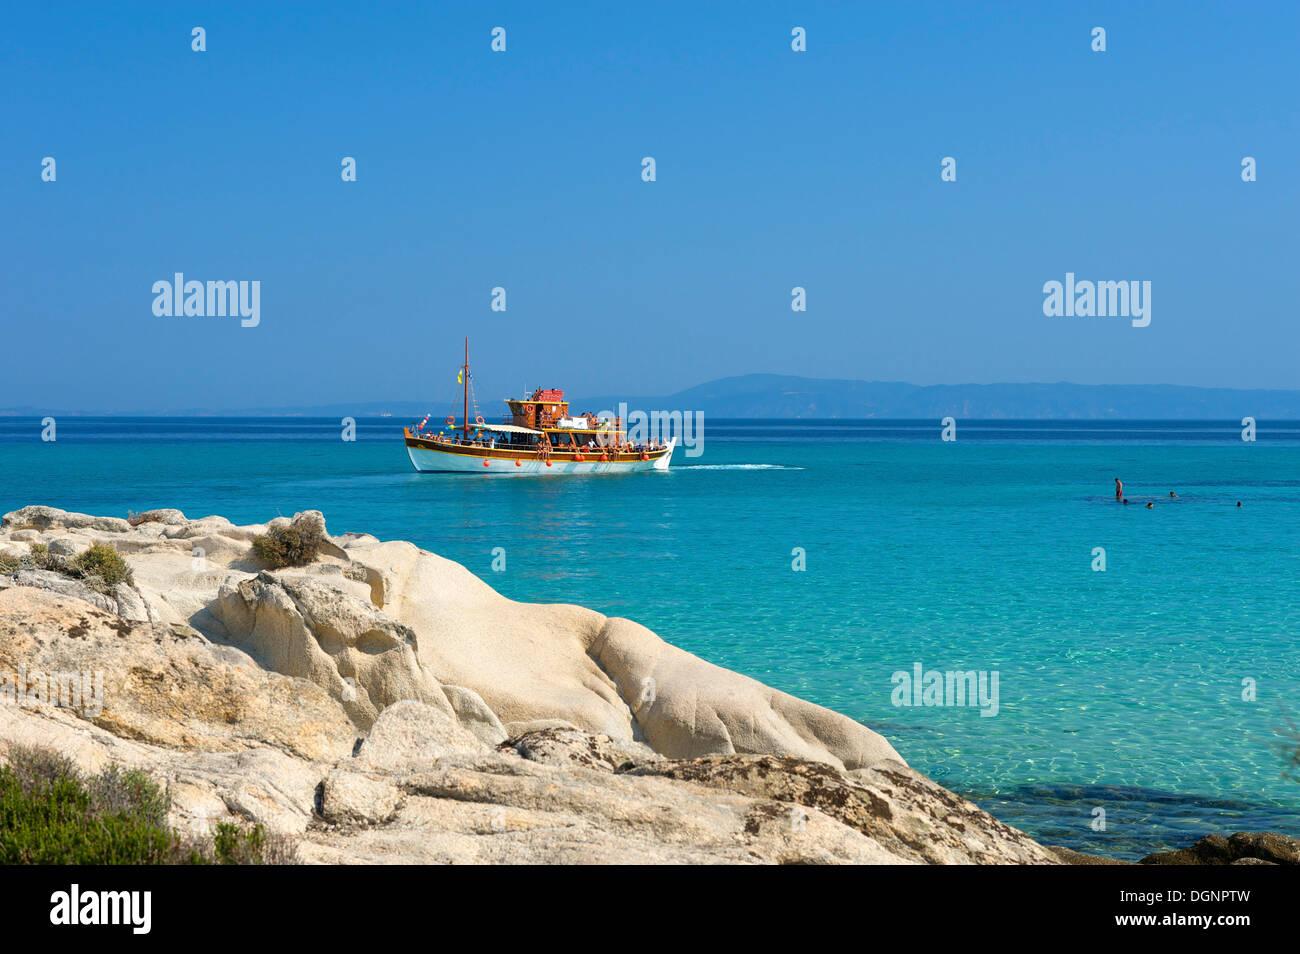 Portokali Beach, Kavourotypes, Sithonia, Chalkidiki, Greece Stock Photo